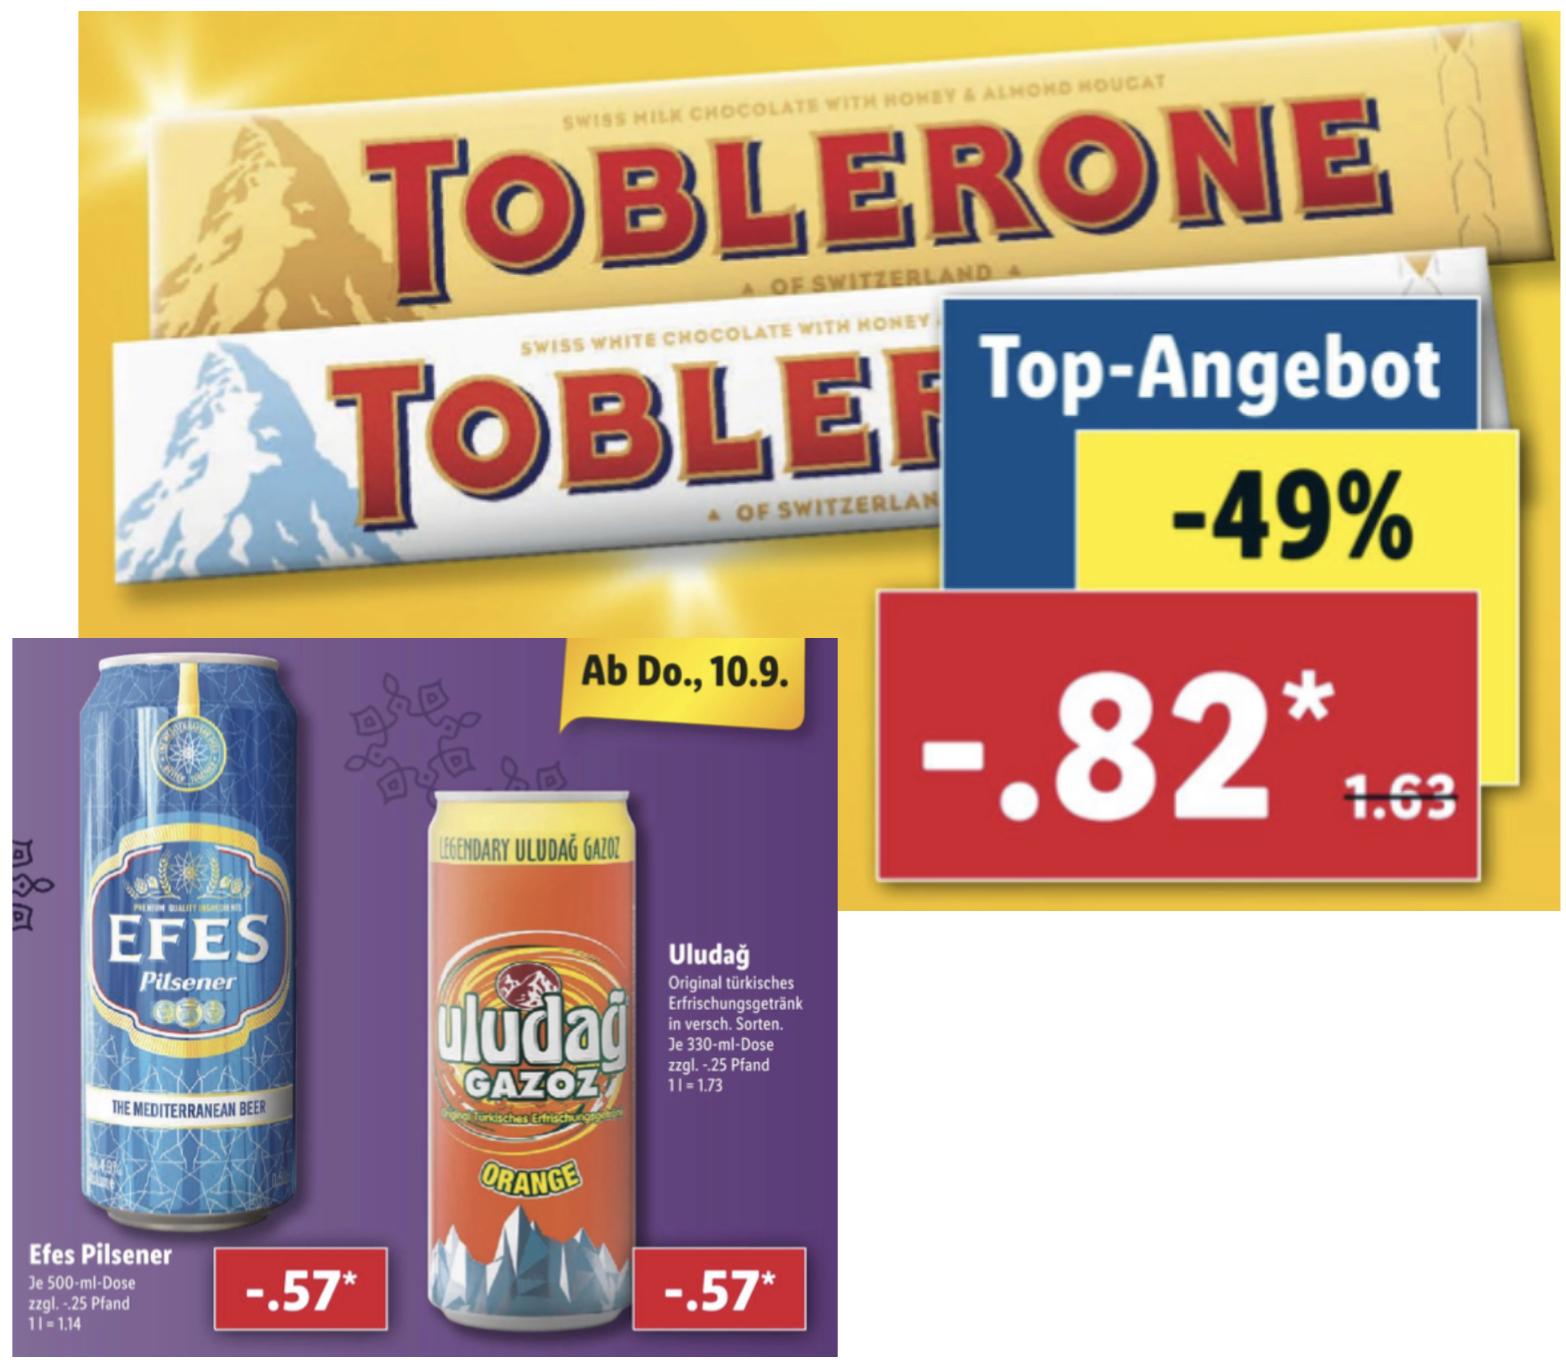 Lidl: Uludag Gazoz türkisches Erfrischungsgetränk 0,33l oder EFES Pilsener 0,5l Dose je 0,57€, Toblerone Schokolade 100g. für 0,82€ usw.